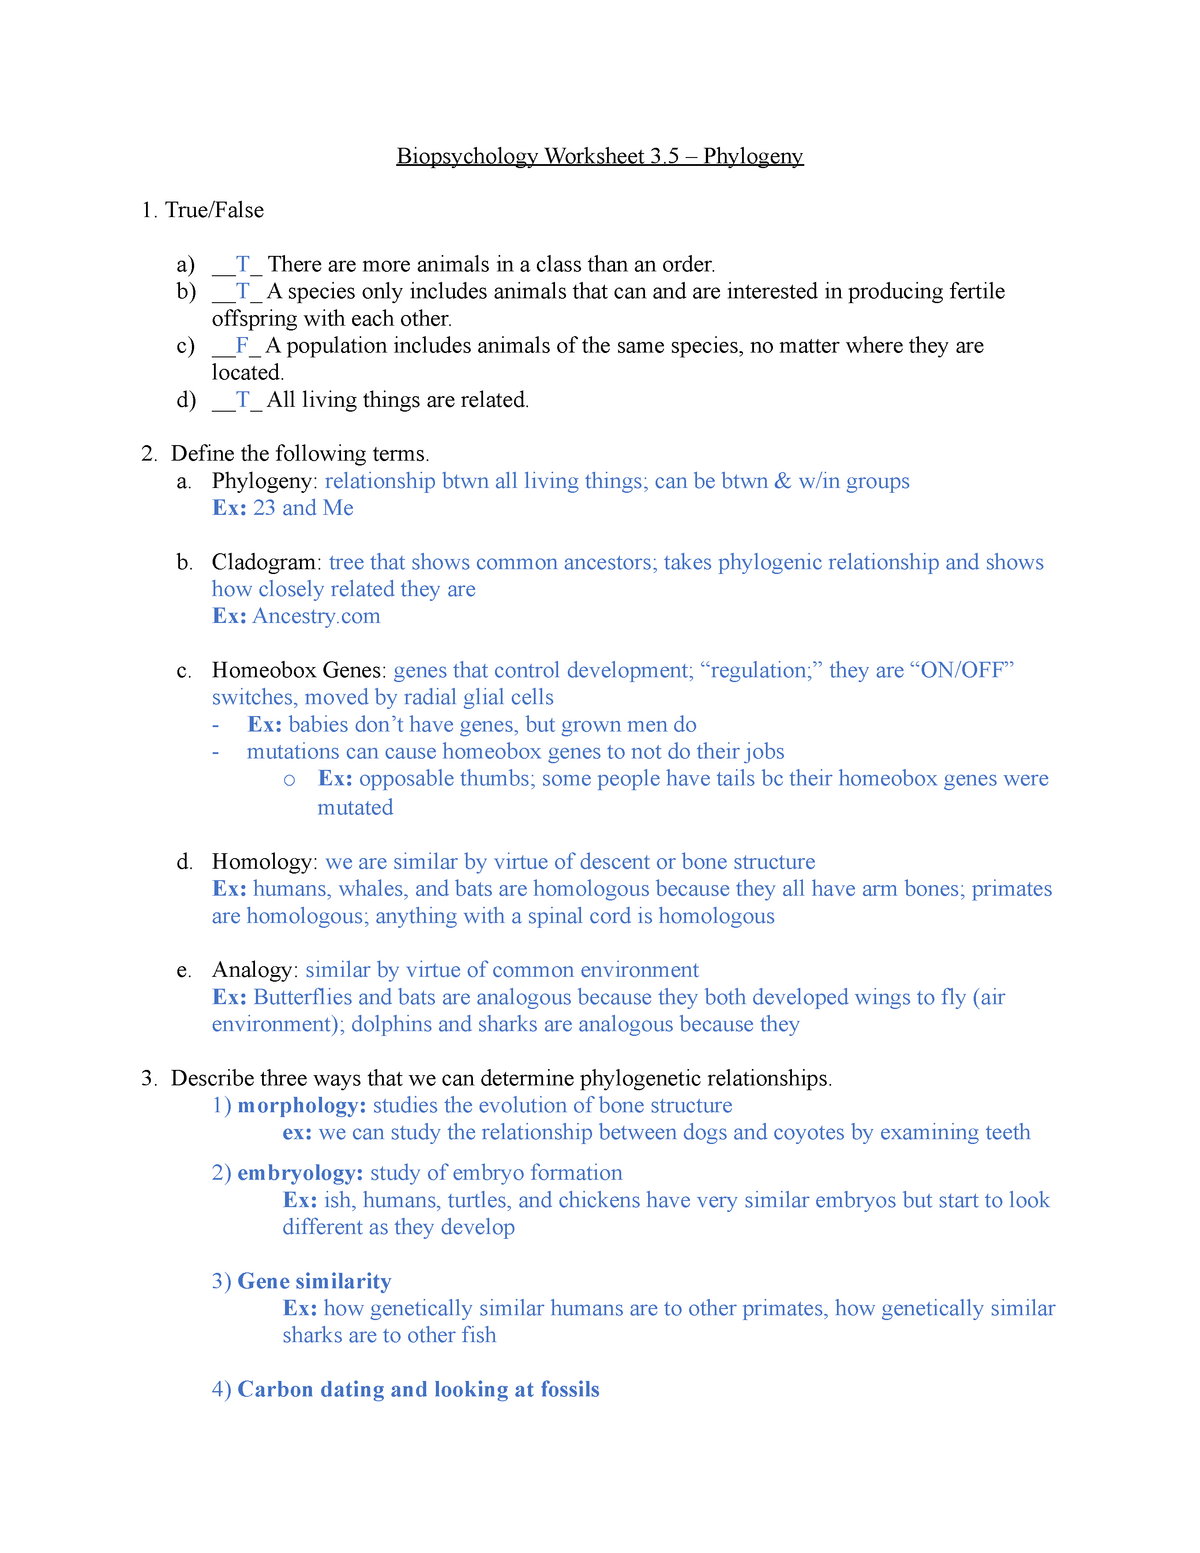 SI Worksheet 3 5: Phylogeny - PSYC 360 Biopsychology - StuDocu